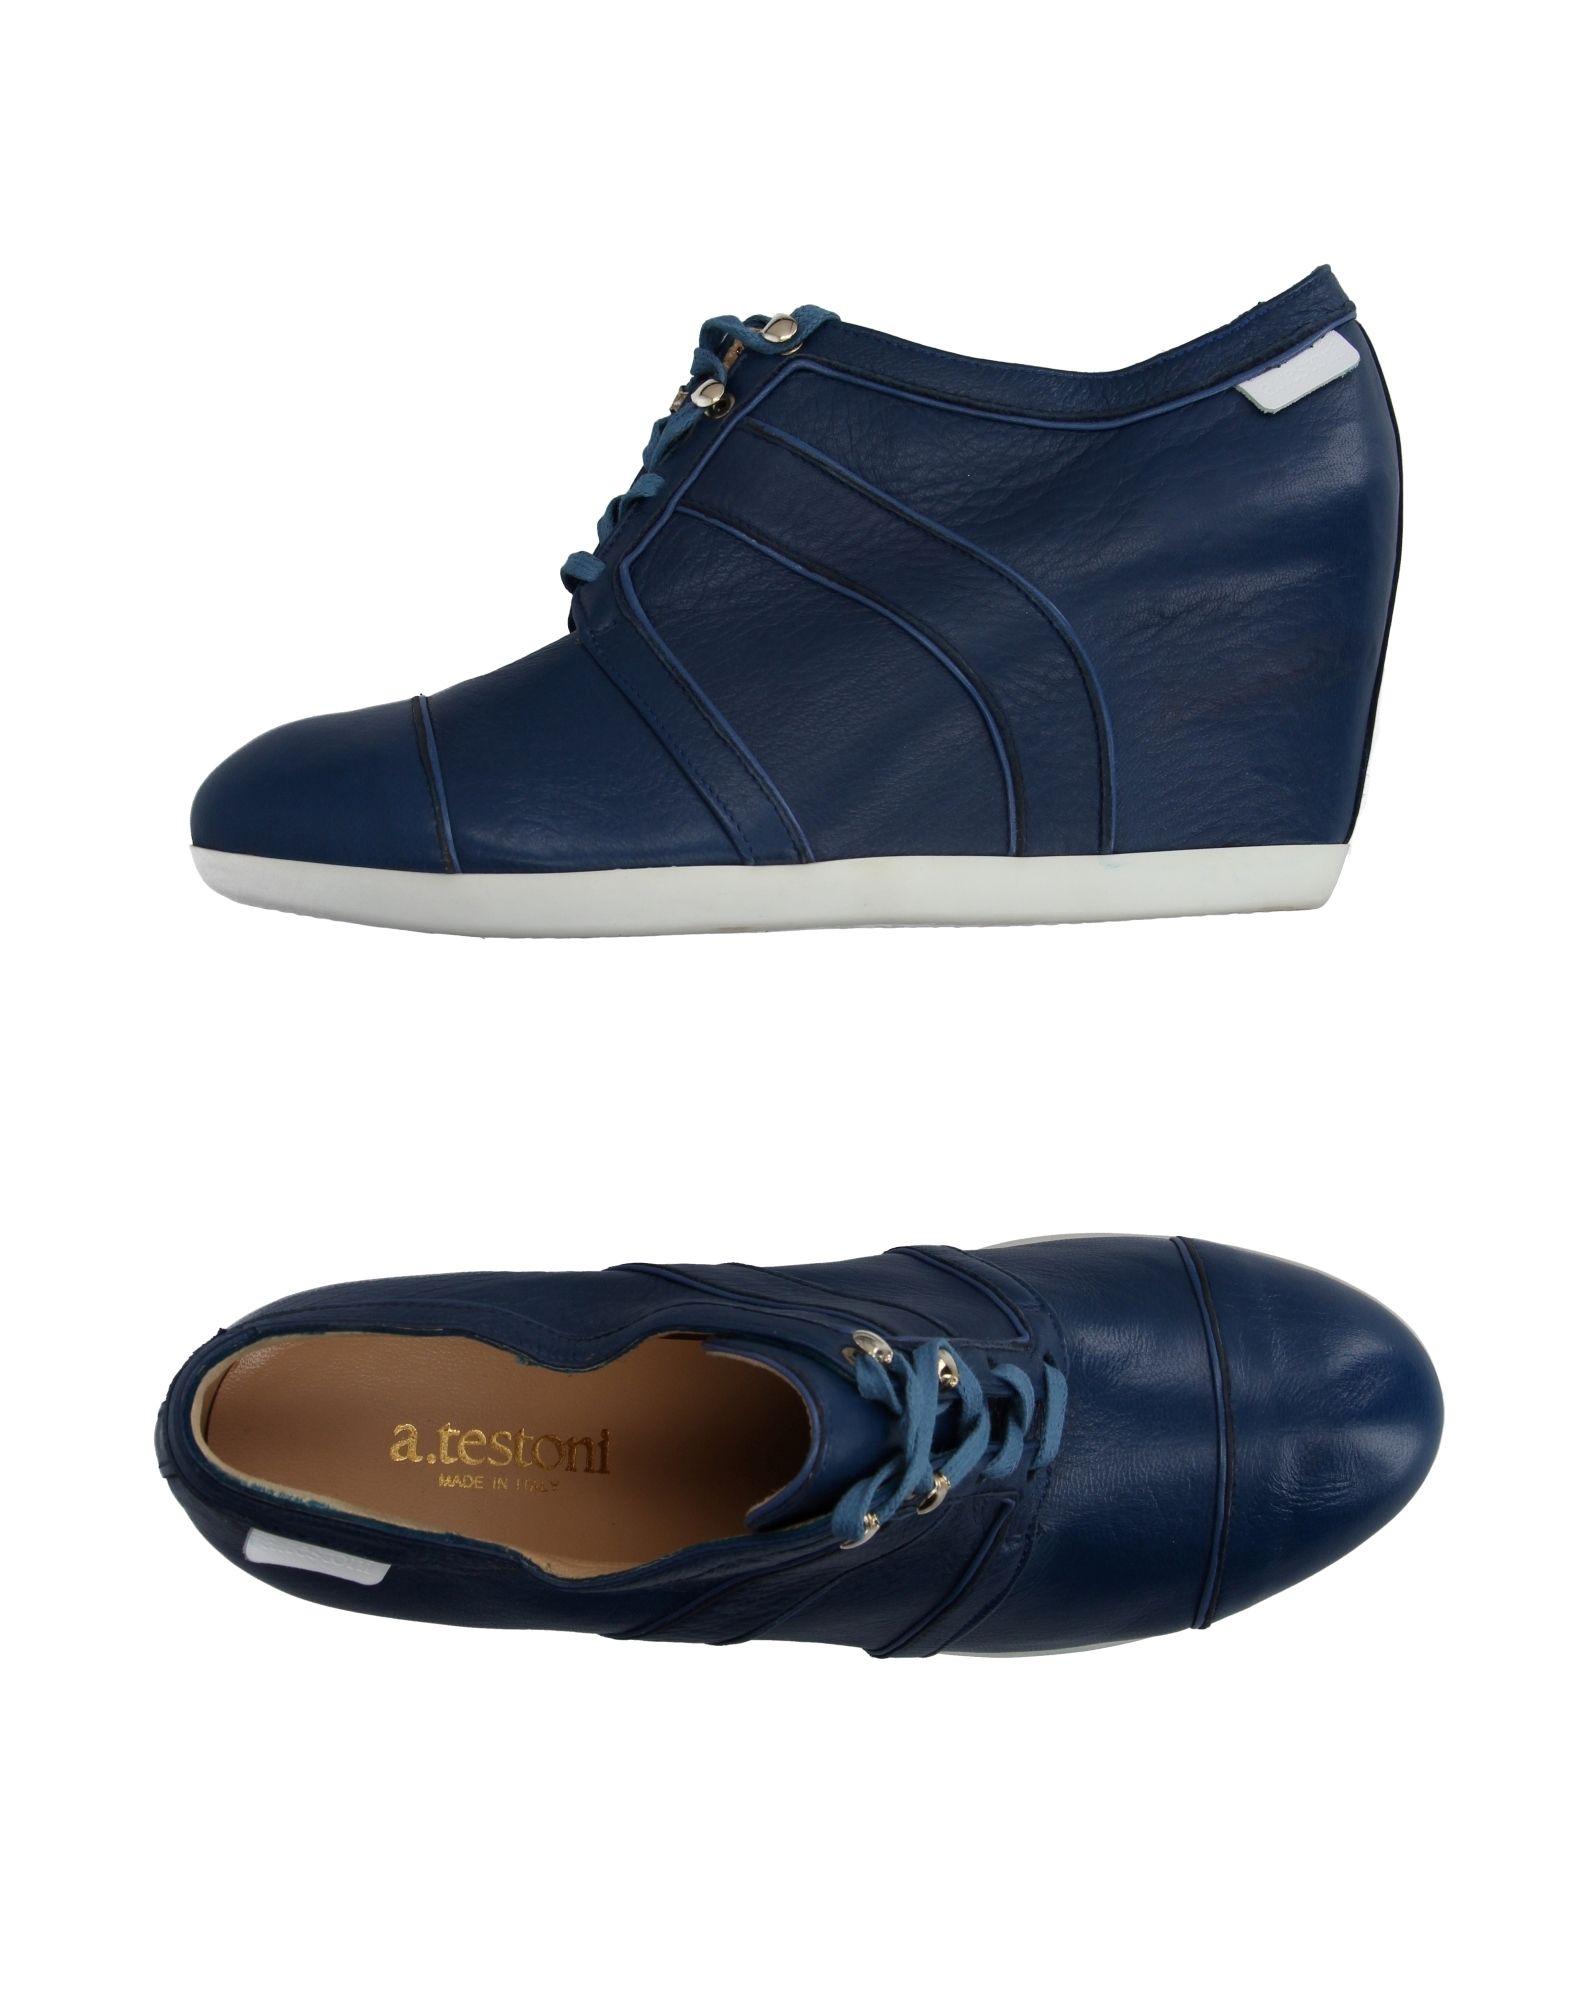 A.Testoni Schnürschuhe Damen  11070961SJ Gute Qualität beliebte Schuhe